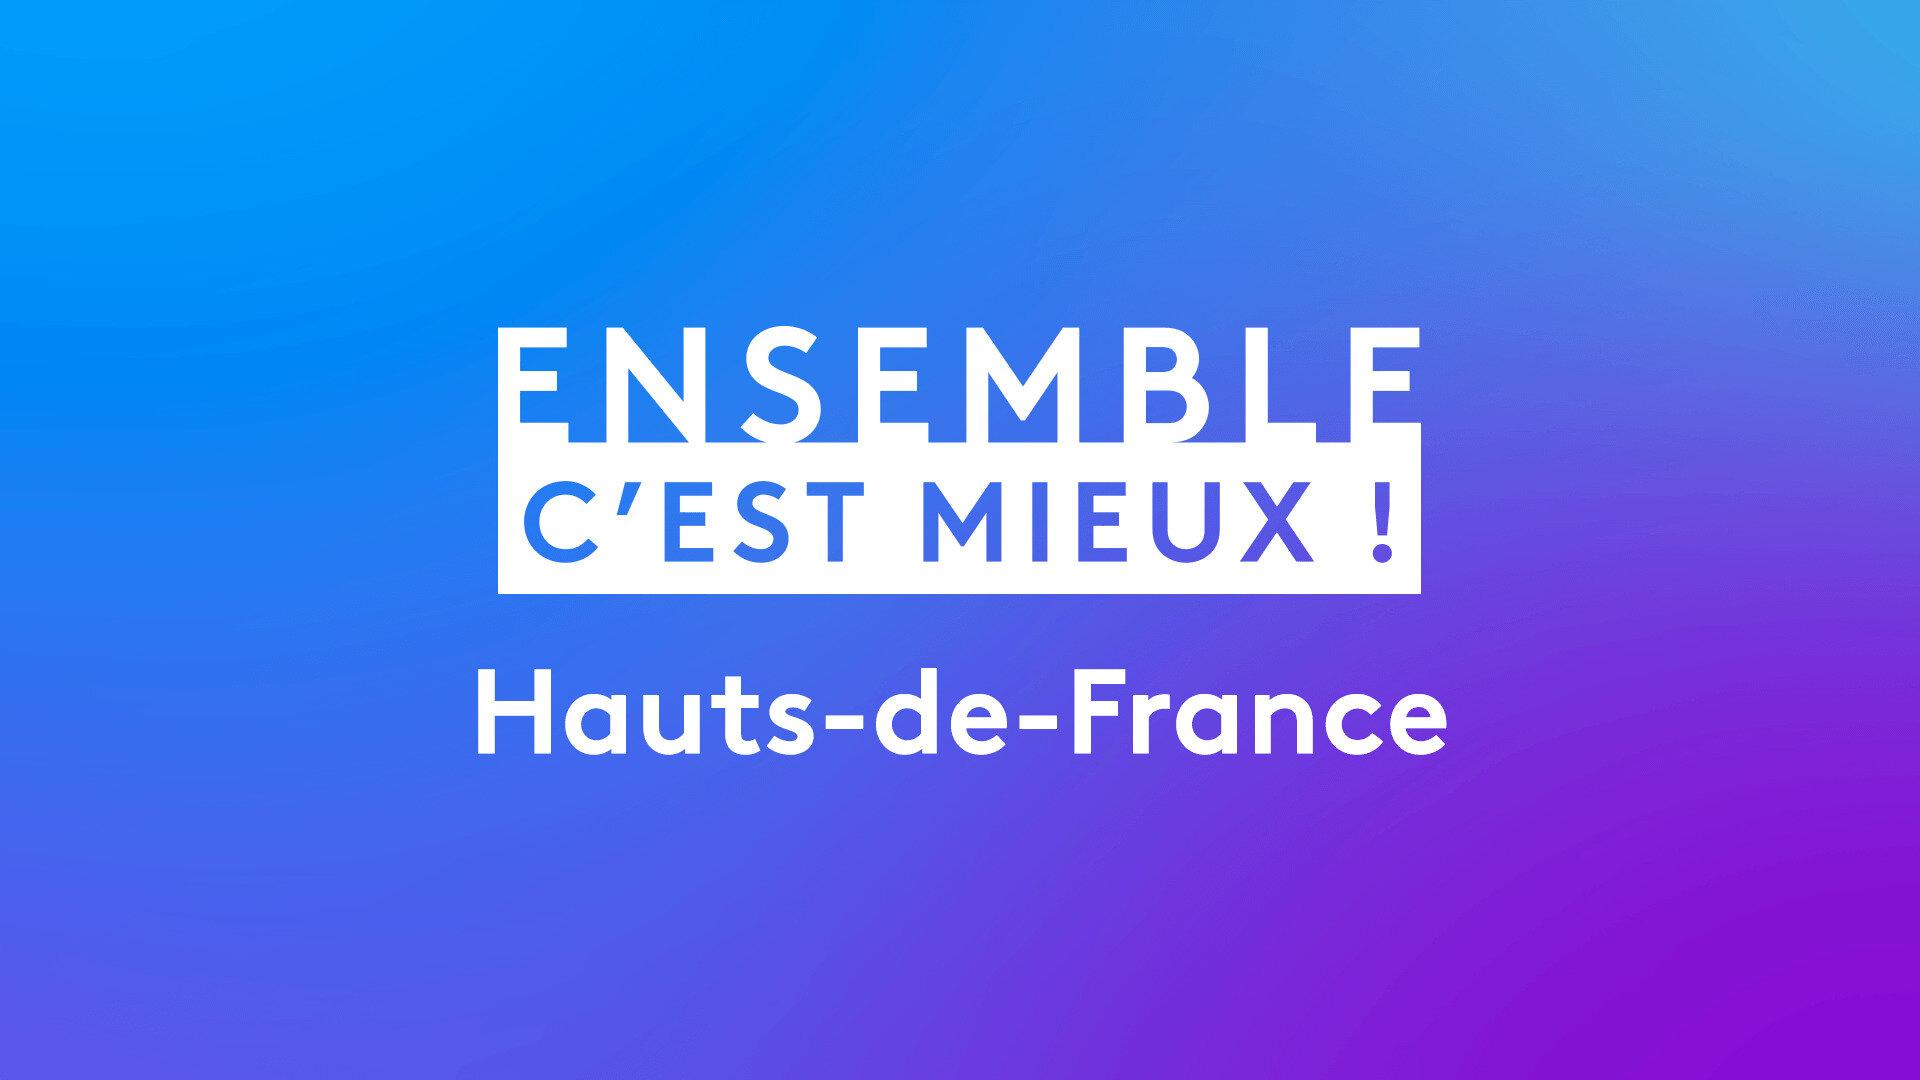 Ensemble c'est mieux ! Hauts-de-France : Le Kanap, espace de co-working à Soissons